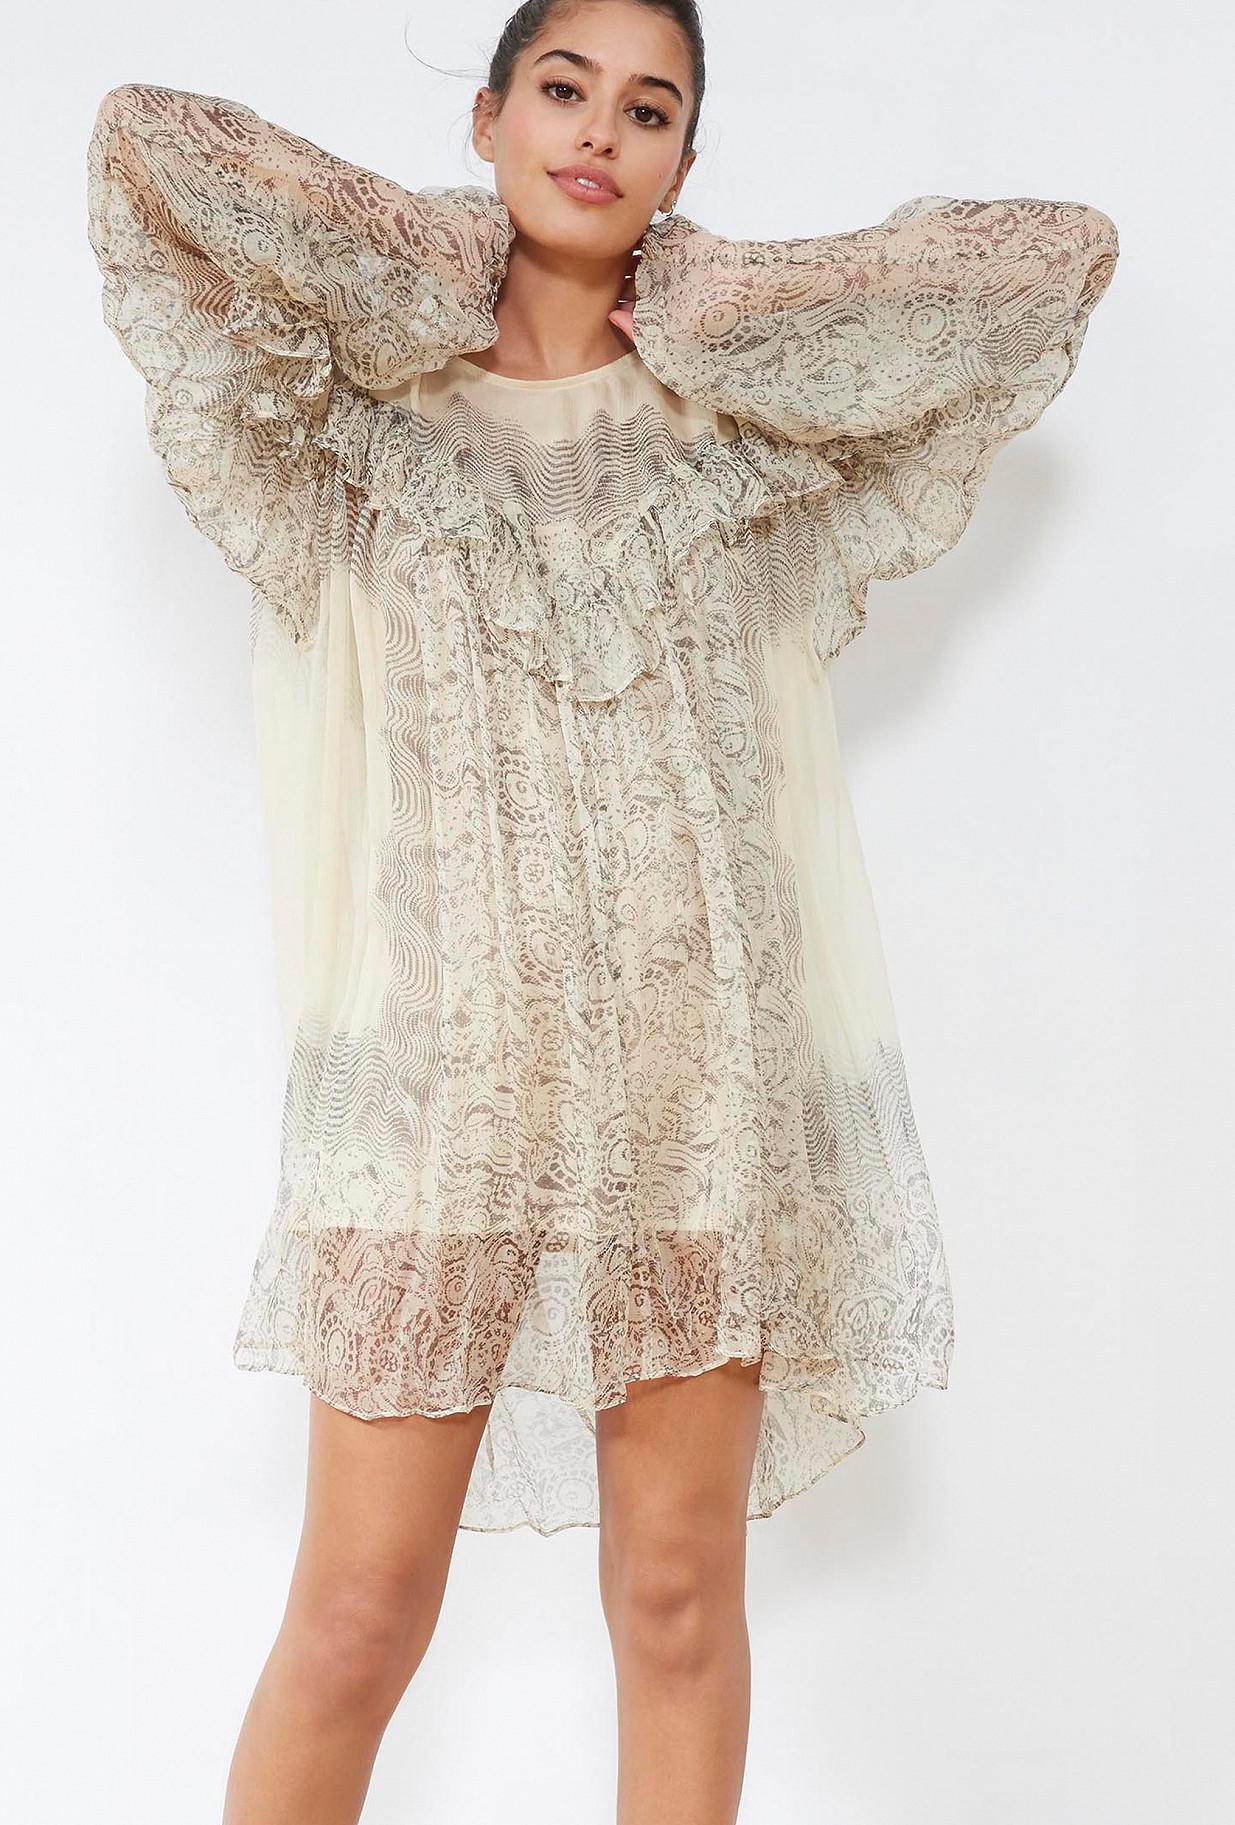 clothes store DRESS  Lamour french designer fashion Paris